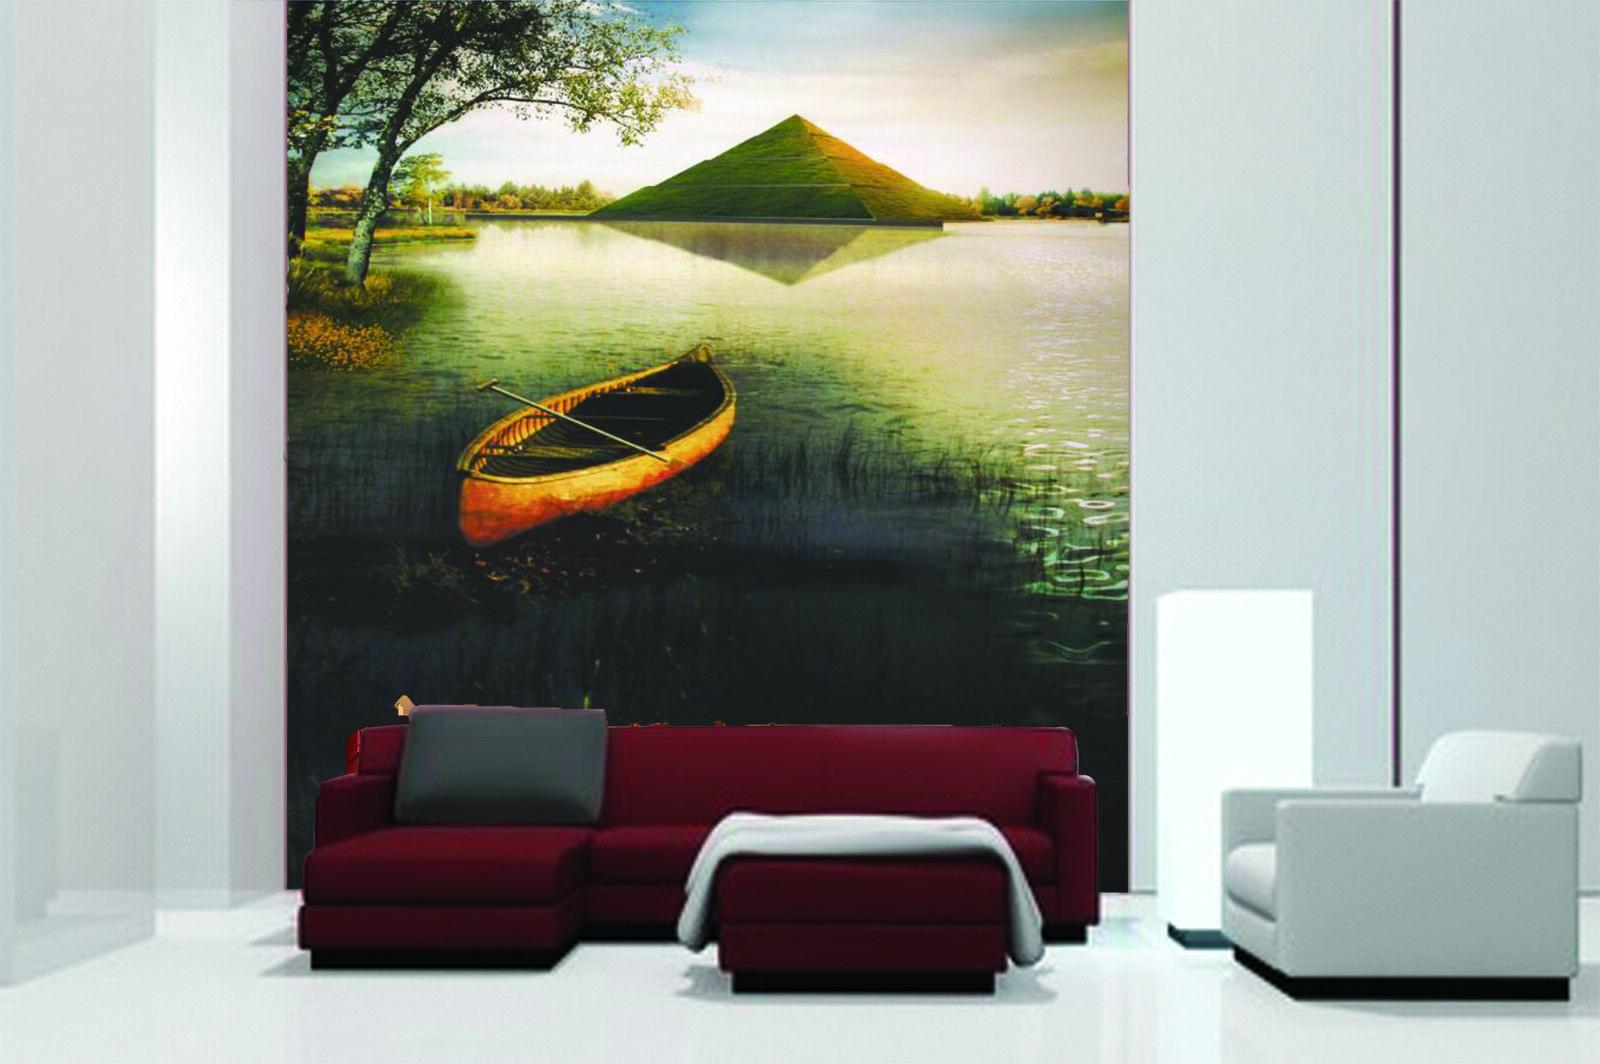 3D Boat River Sky 4 Wallpaper Murals Wall Print Wallpaper Mural AJ WALL AU Lemon